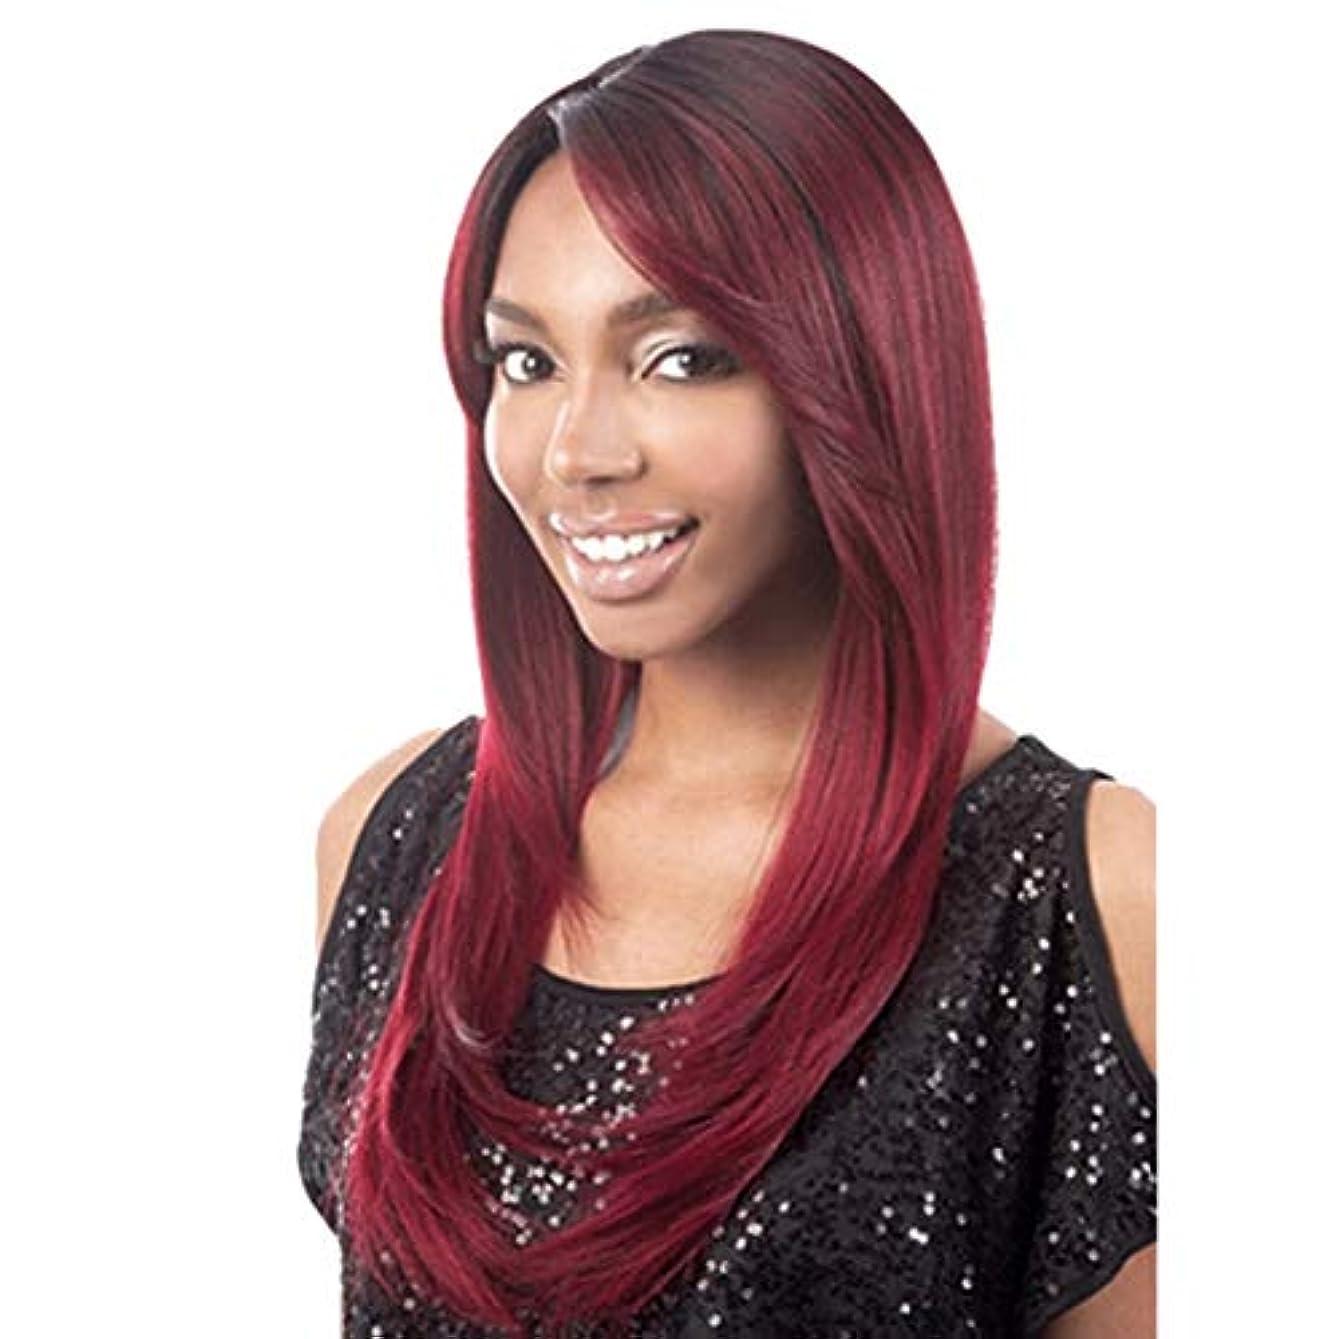 早熟国空港Kerwinner 女性の半分手のための赤い側部分長い自然なストレート耐熱合成毛の交換かつら